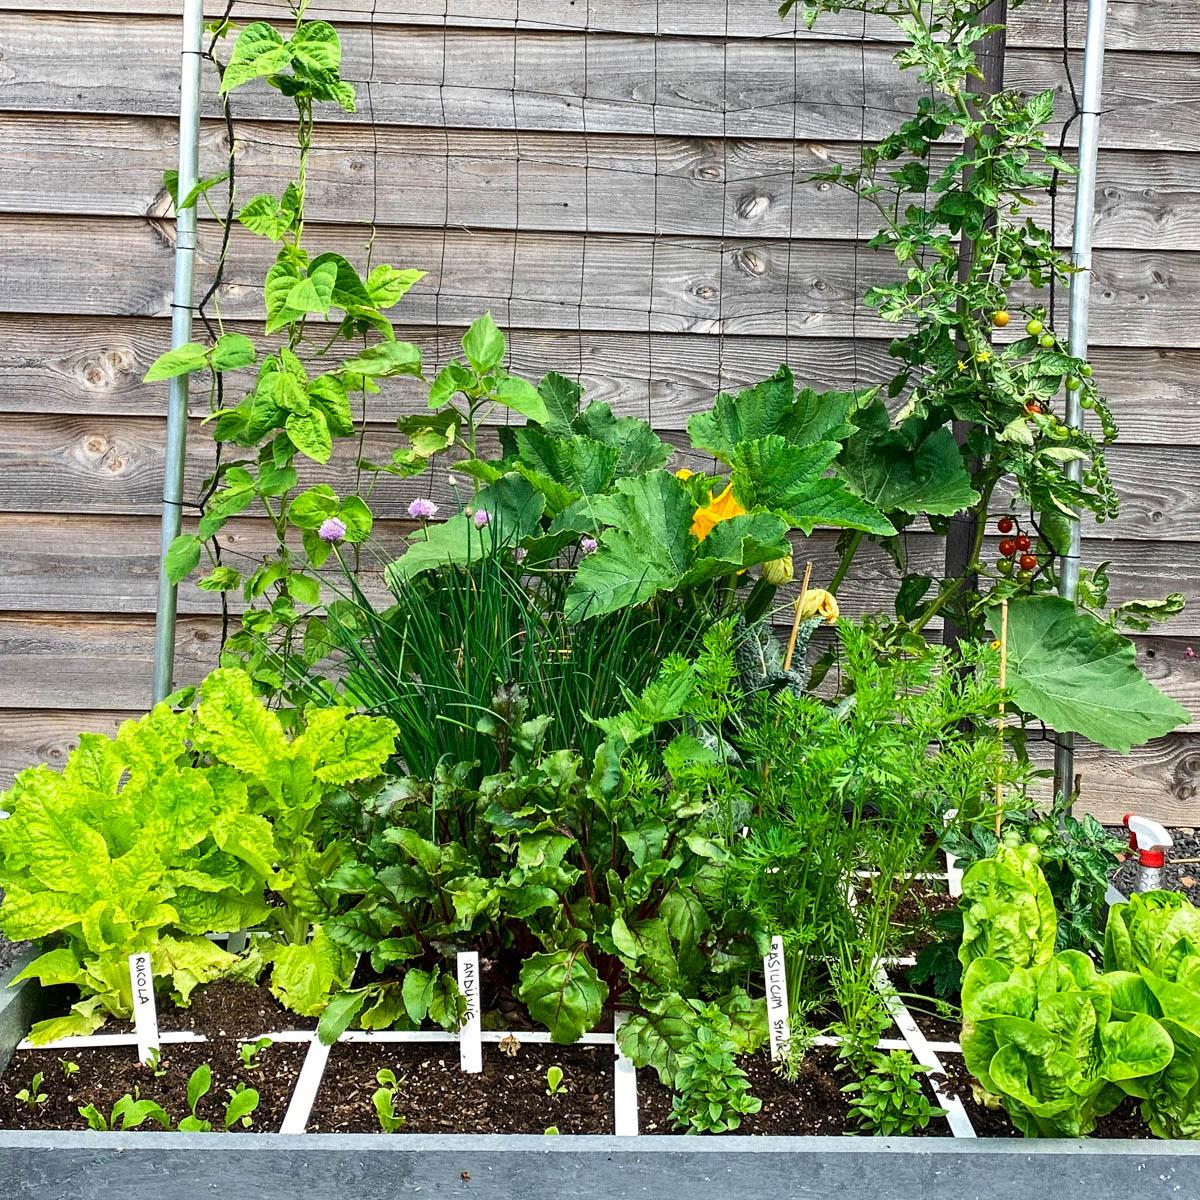 Boontjes, zonnebloemen, courgettes en komkommers in deMM-Hero:ze schieten de lucht in.